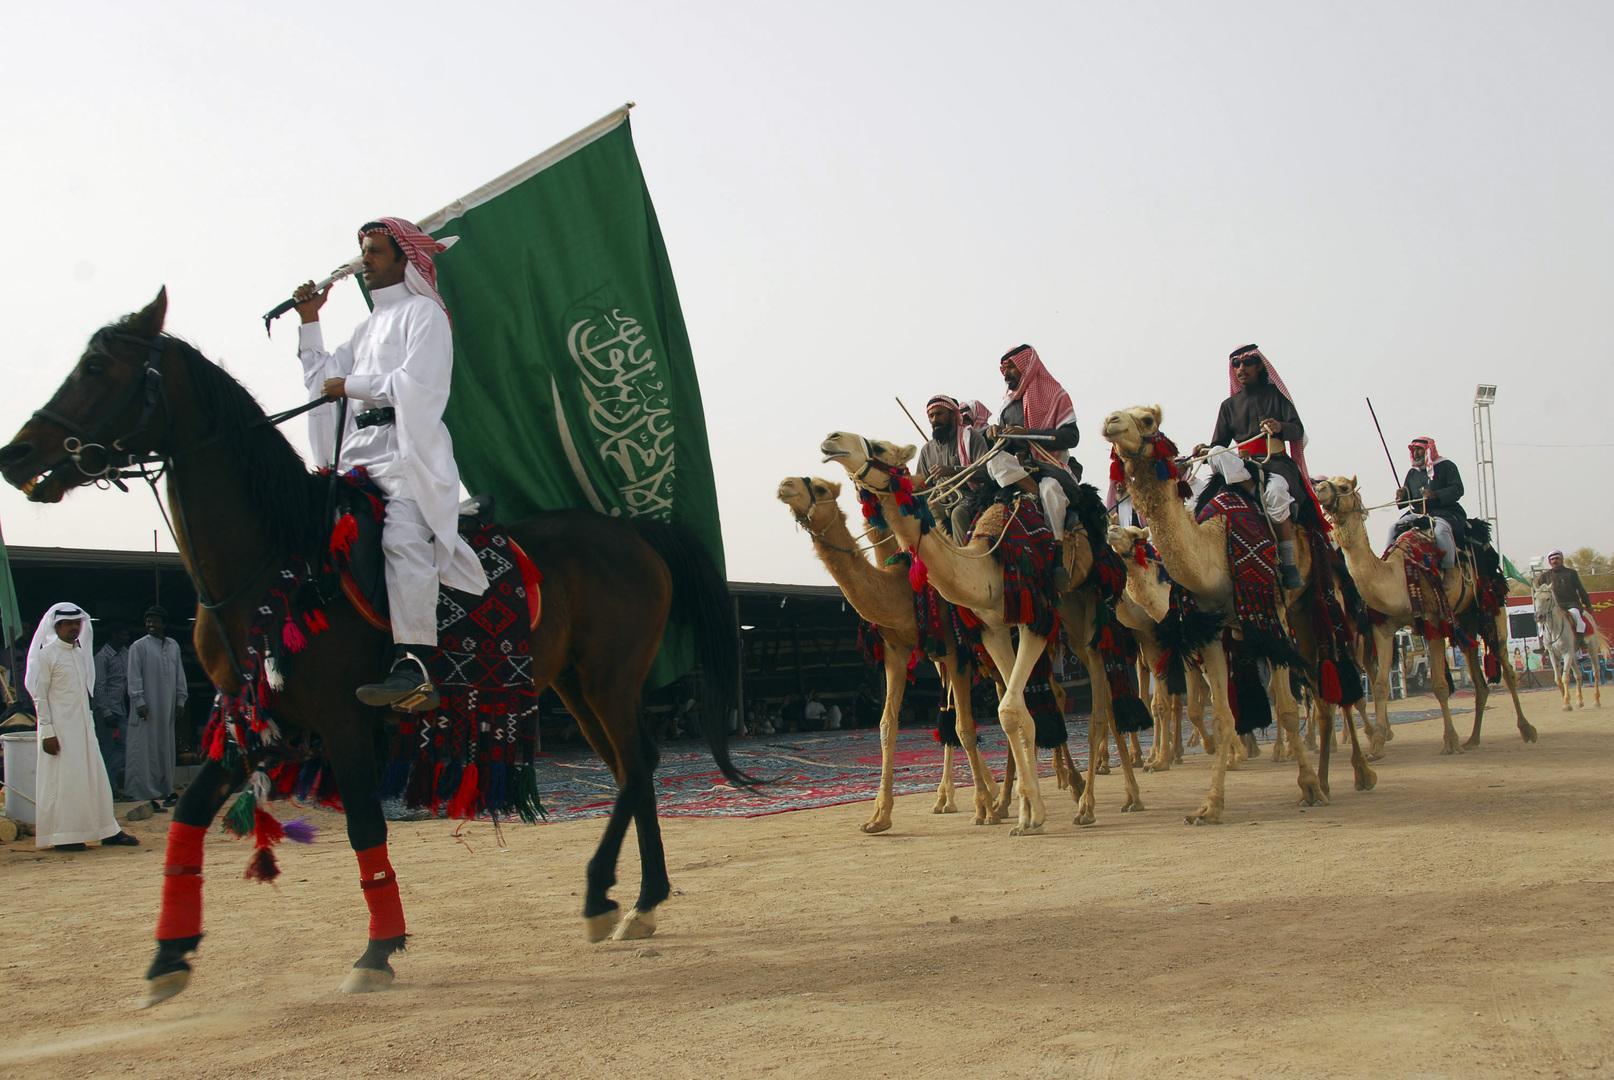 فرسان جمال سعوديون يؤدون عرضا في حفل افتتاح ربيع تبوك